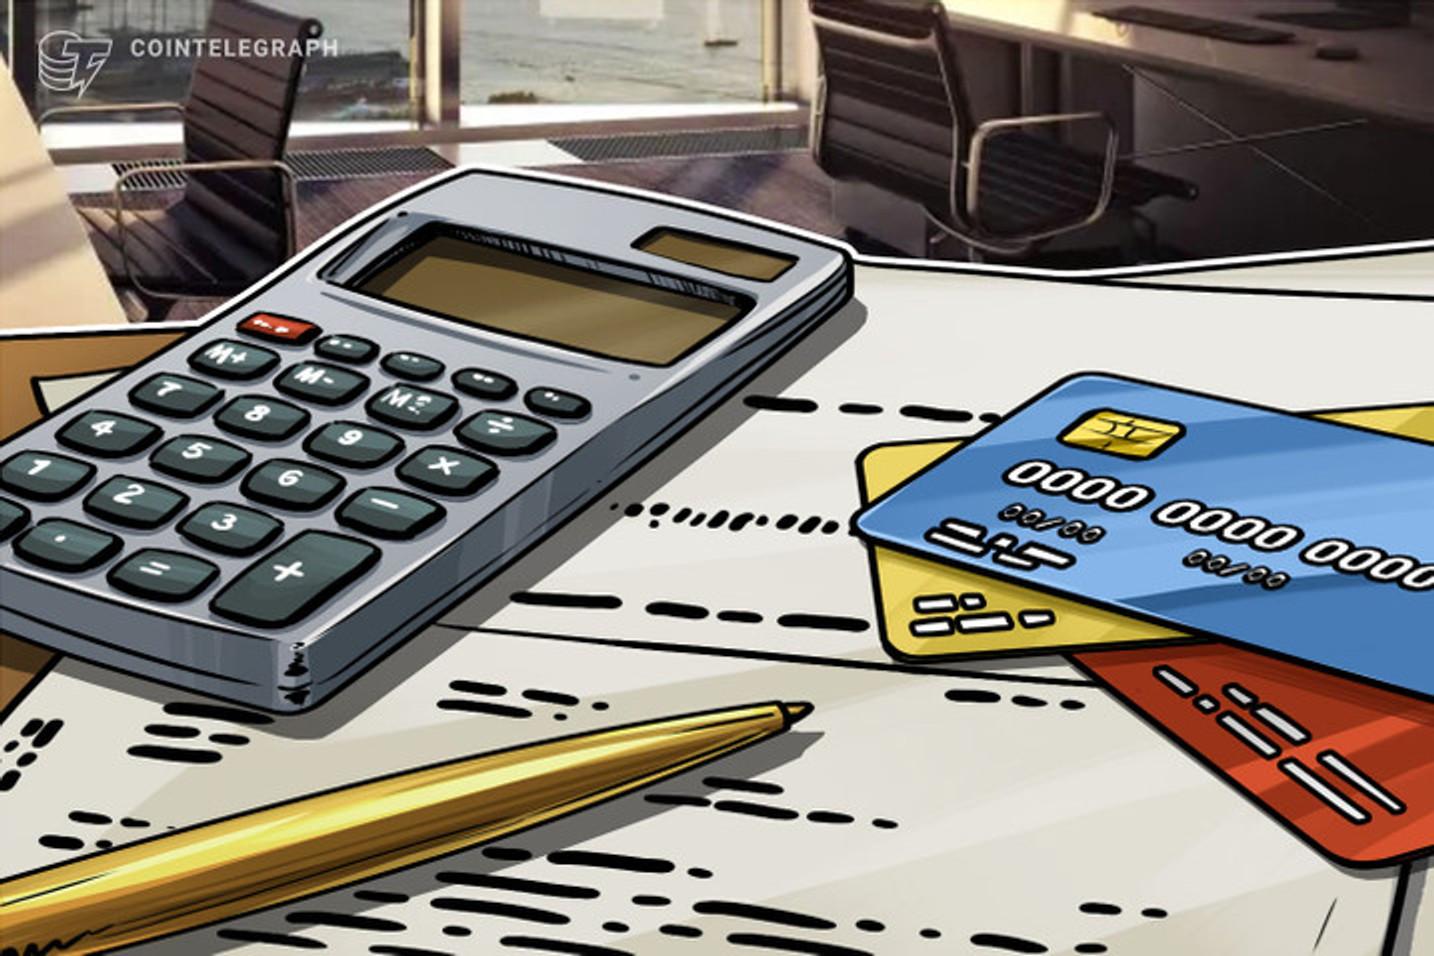 Congelan tarjetas Payoneer por los problemas de Wirecard